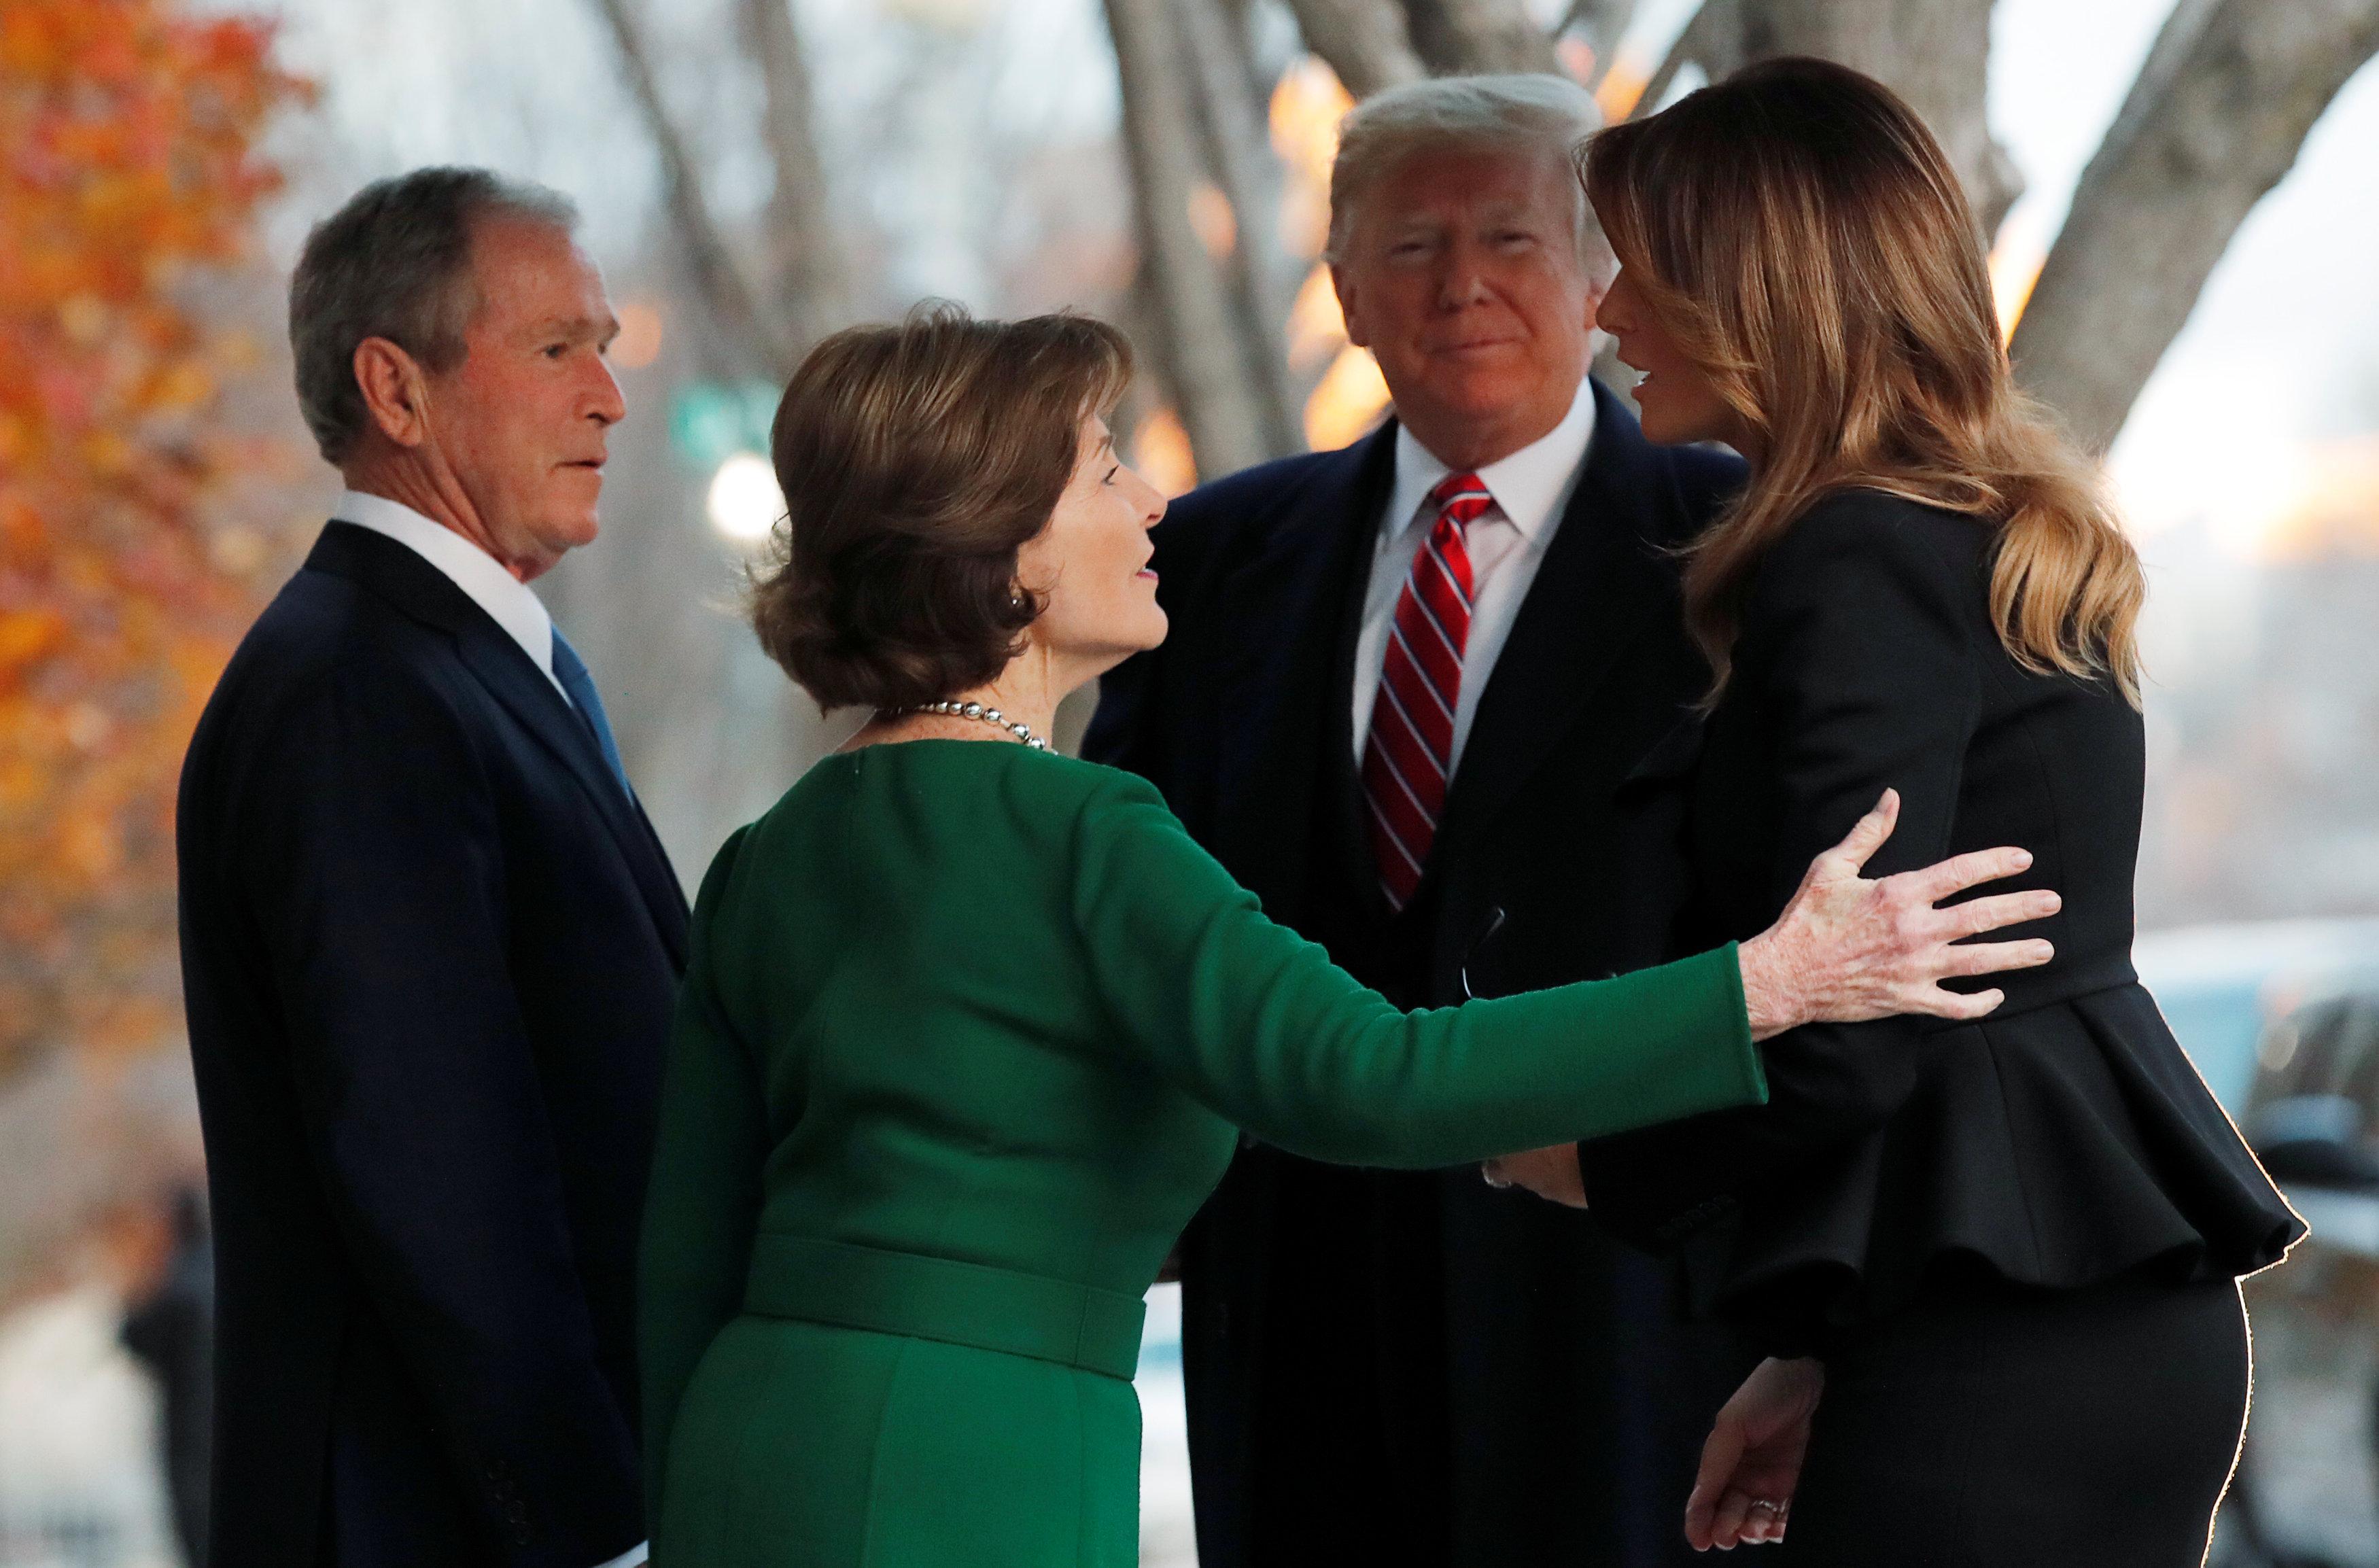 أسرة جورج بوش تستقبل ترامب وميلانيا